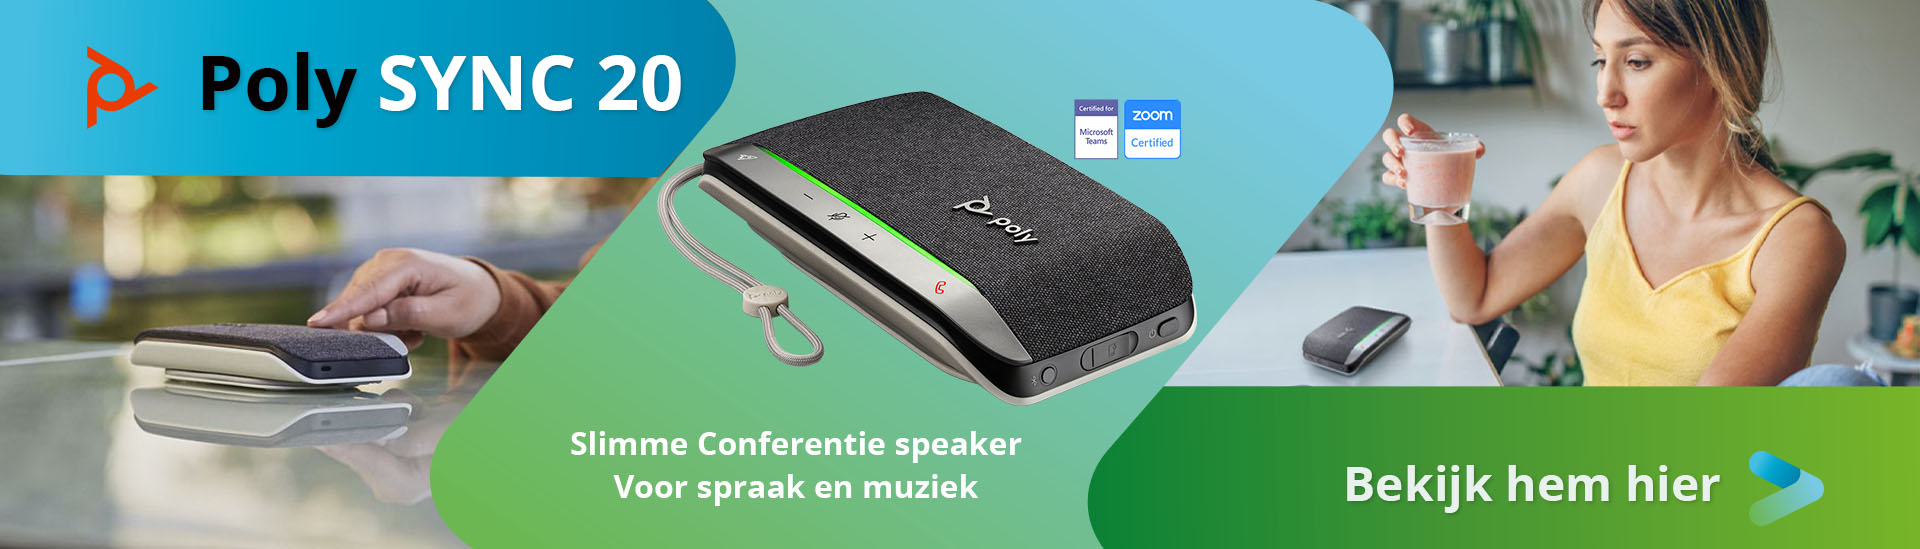 Poly Sync 20 Slimme conferentie speaker voor spraak en geluid.